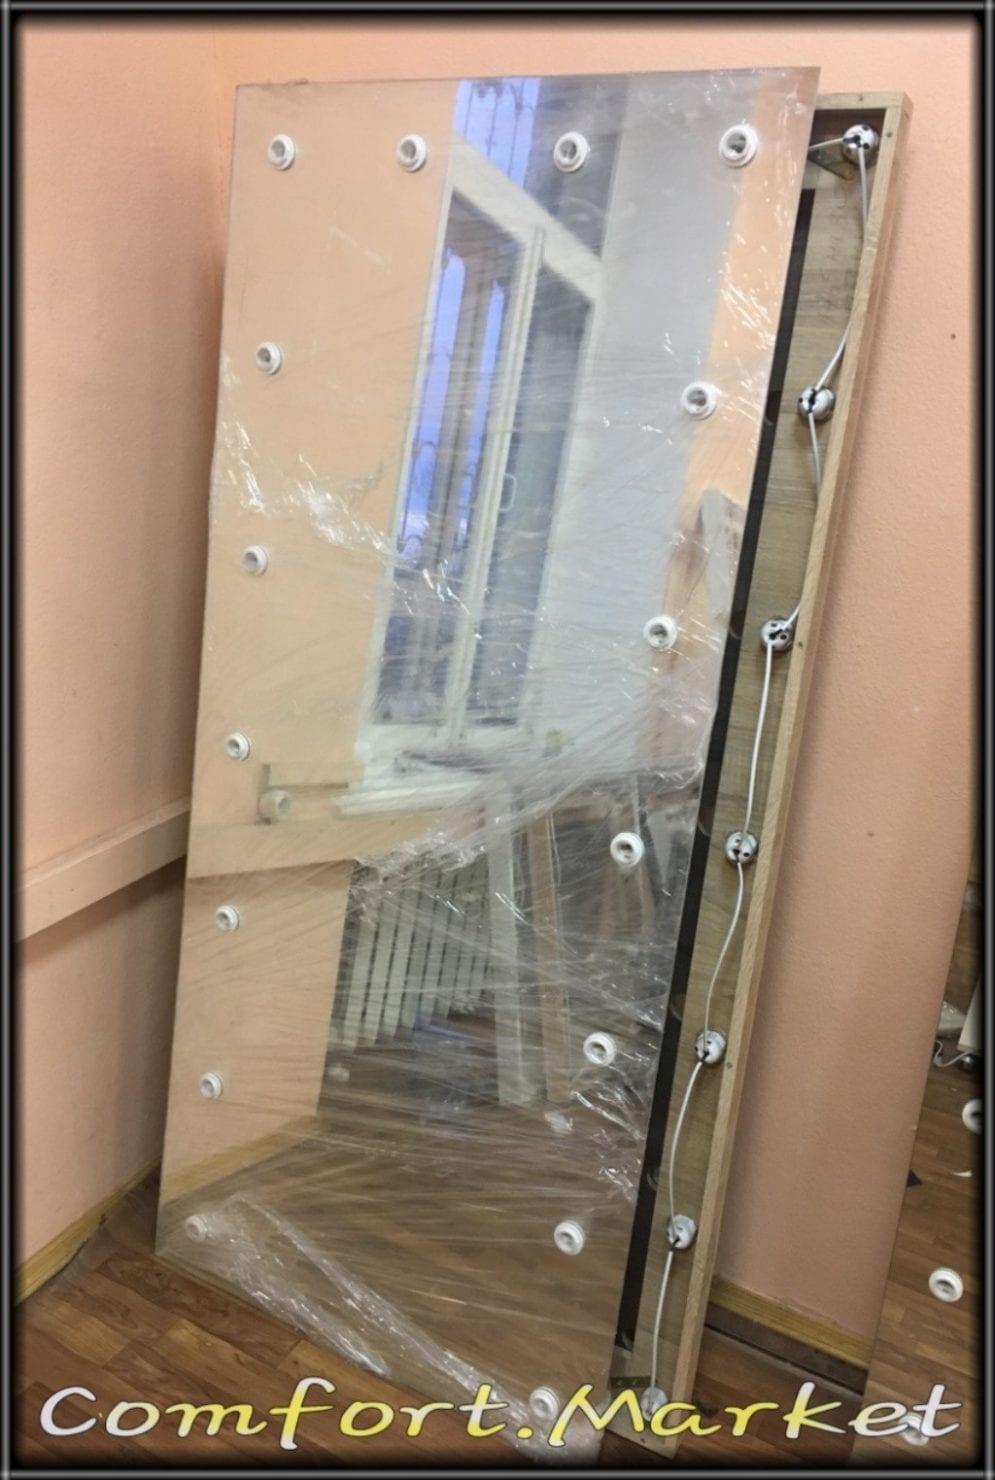 Зеркало безрамочное с подсветкой лампочками от производителя в Киеве - Comfort Market.